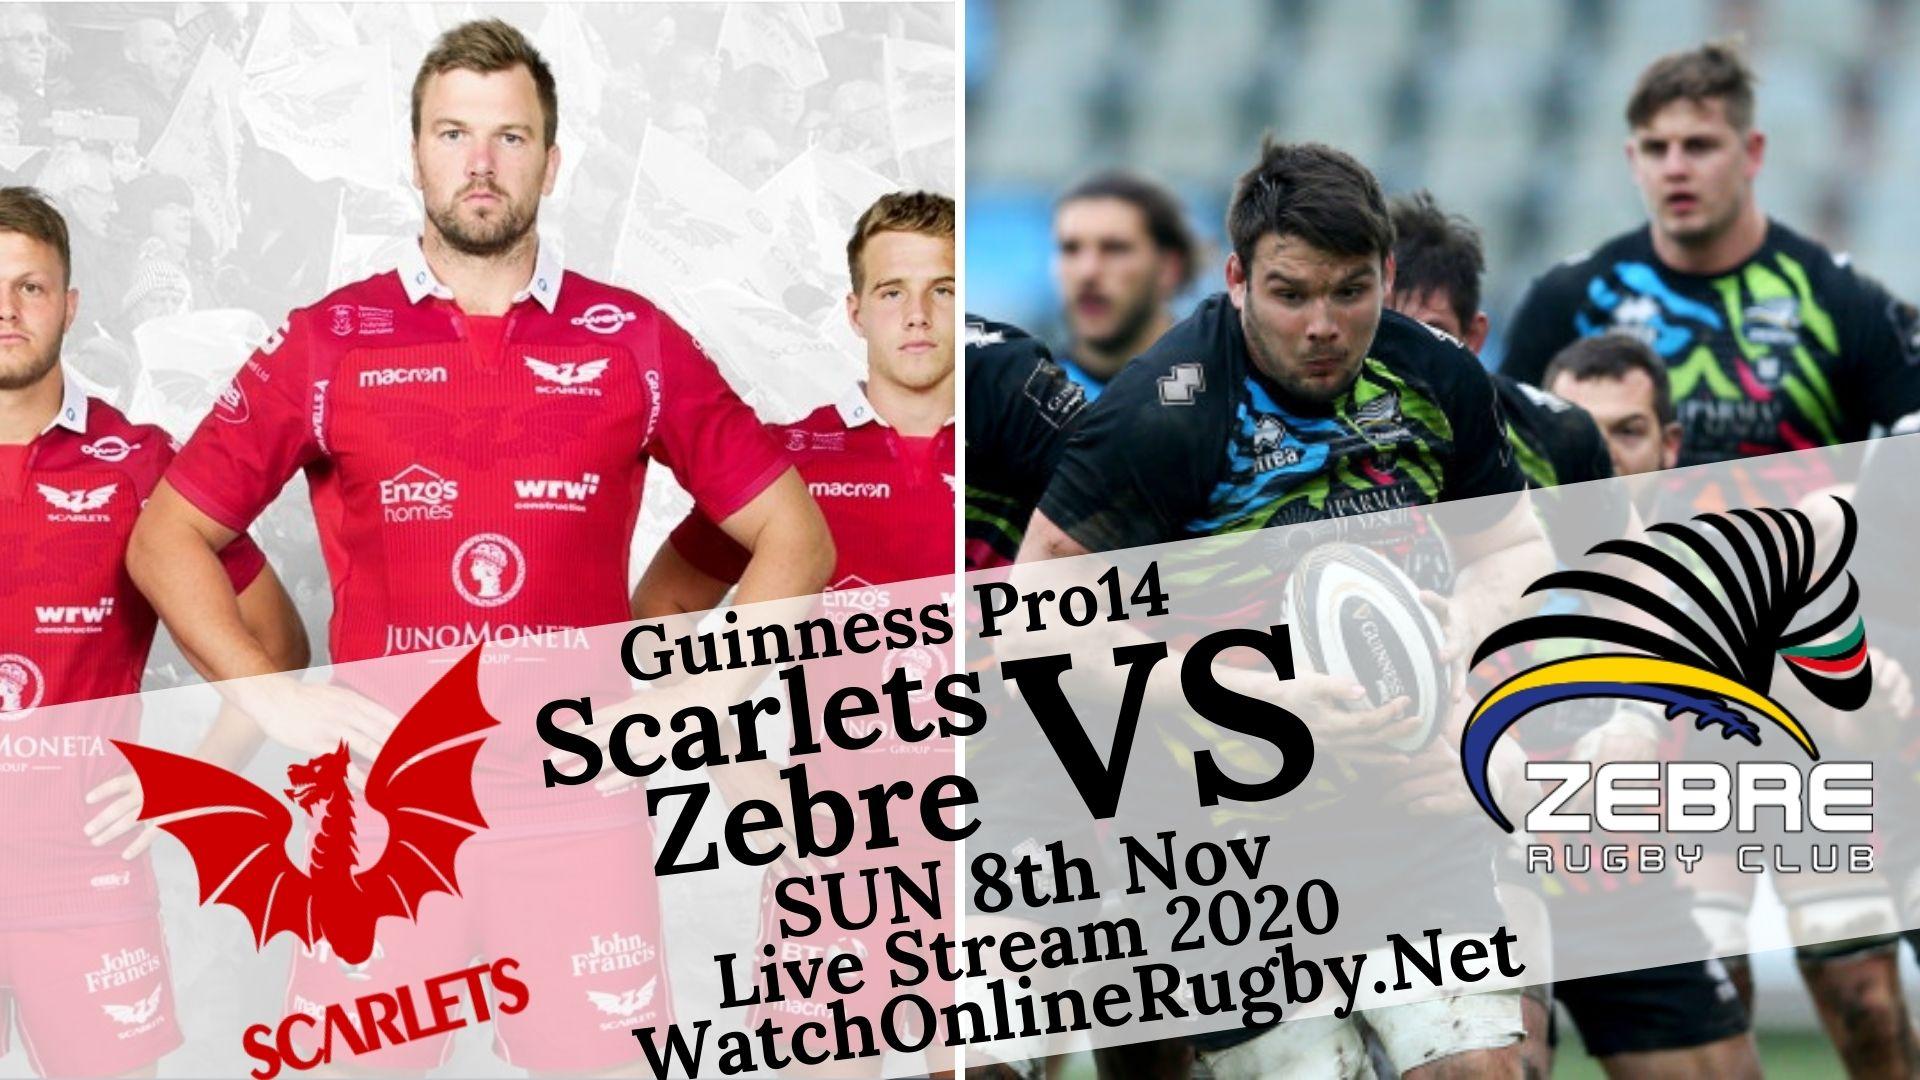 live-stream-scarlets-vs-zebre